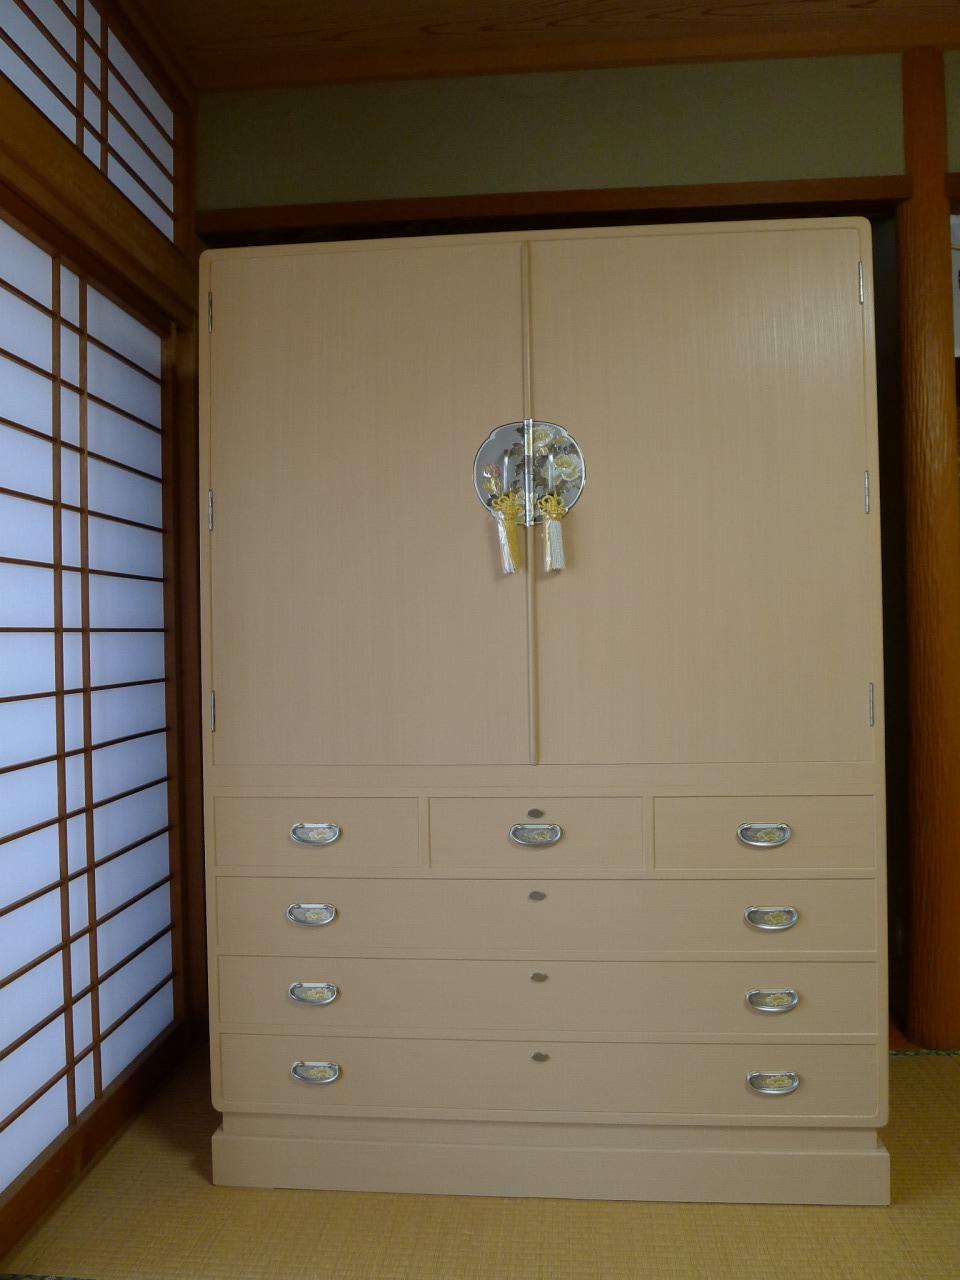 泉佐野市のK様に初音のオリジナル総桐たんす 総桐天地丸開板盆箪笥をお届けいたしました。